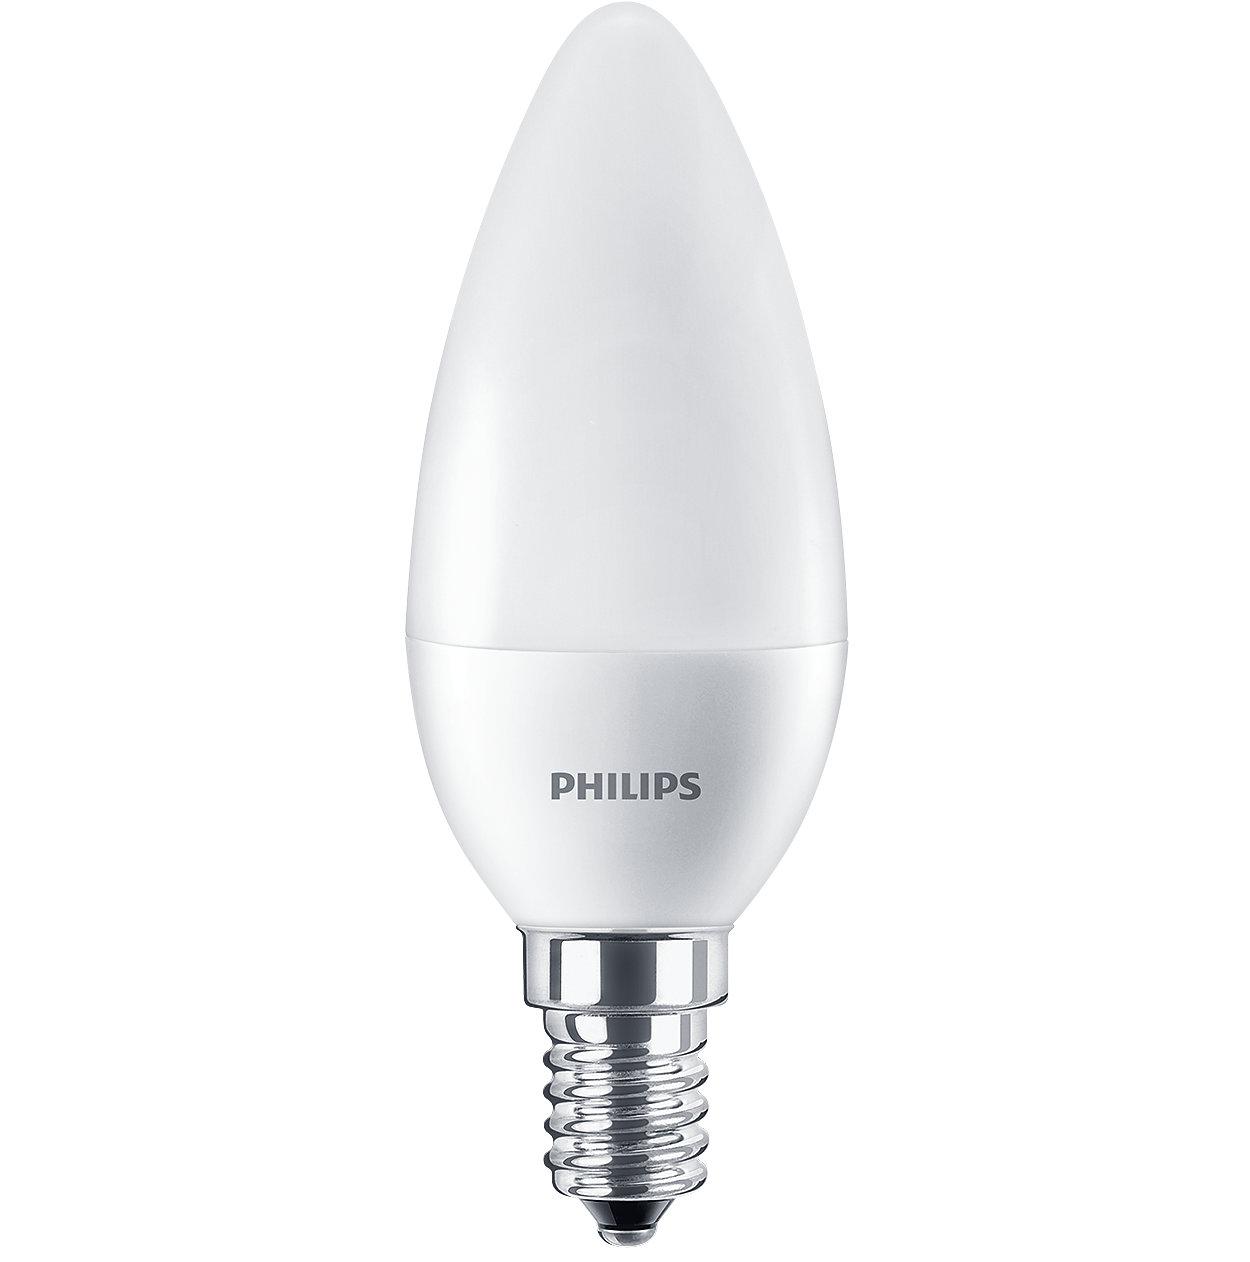 Die preiswerte LED Kerzen-und Tropfenformlampenlösung